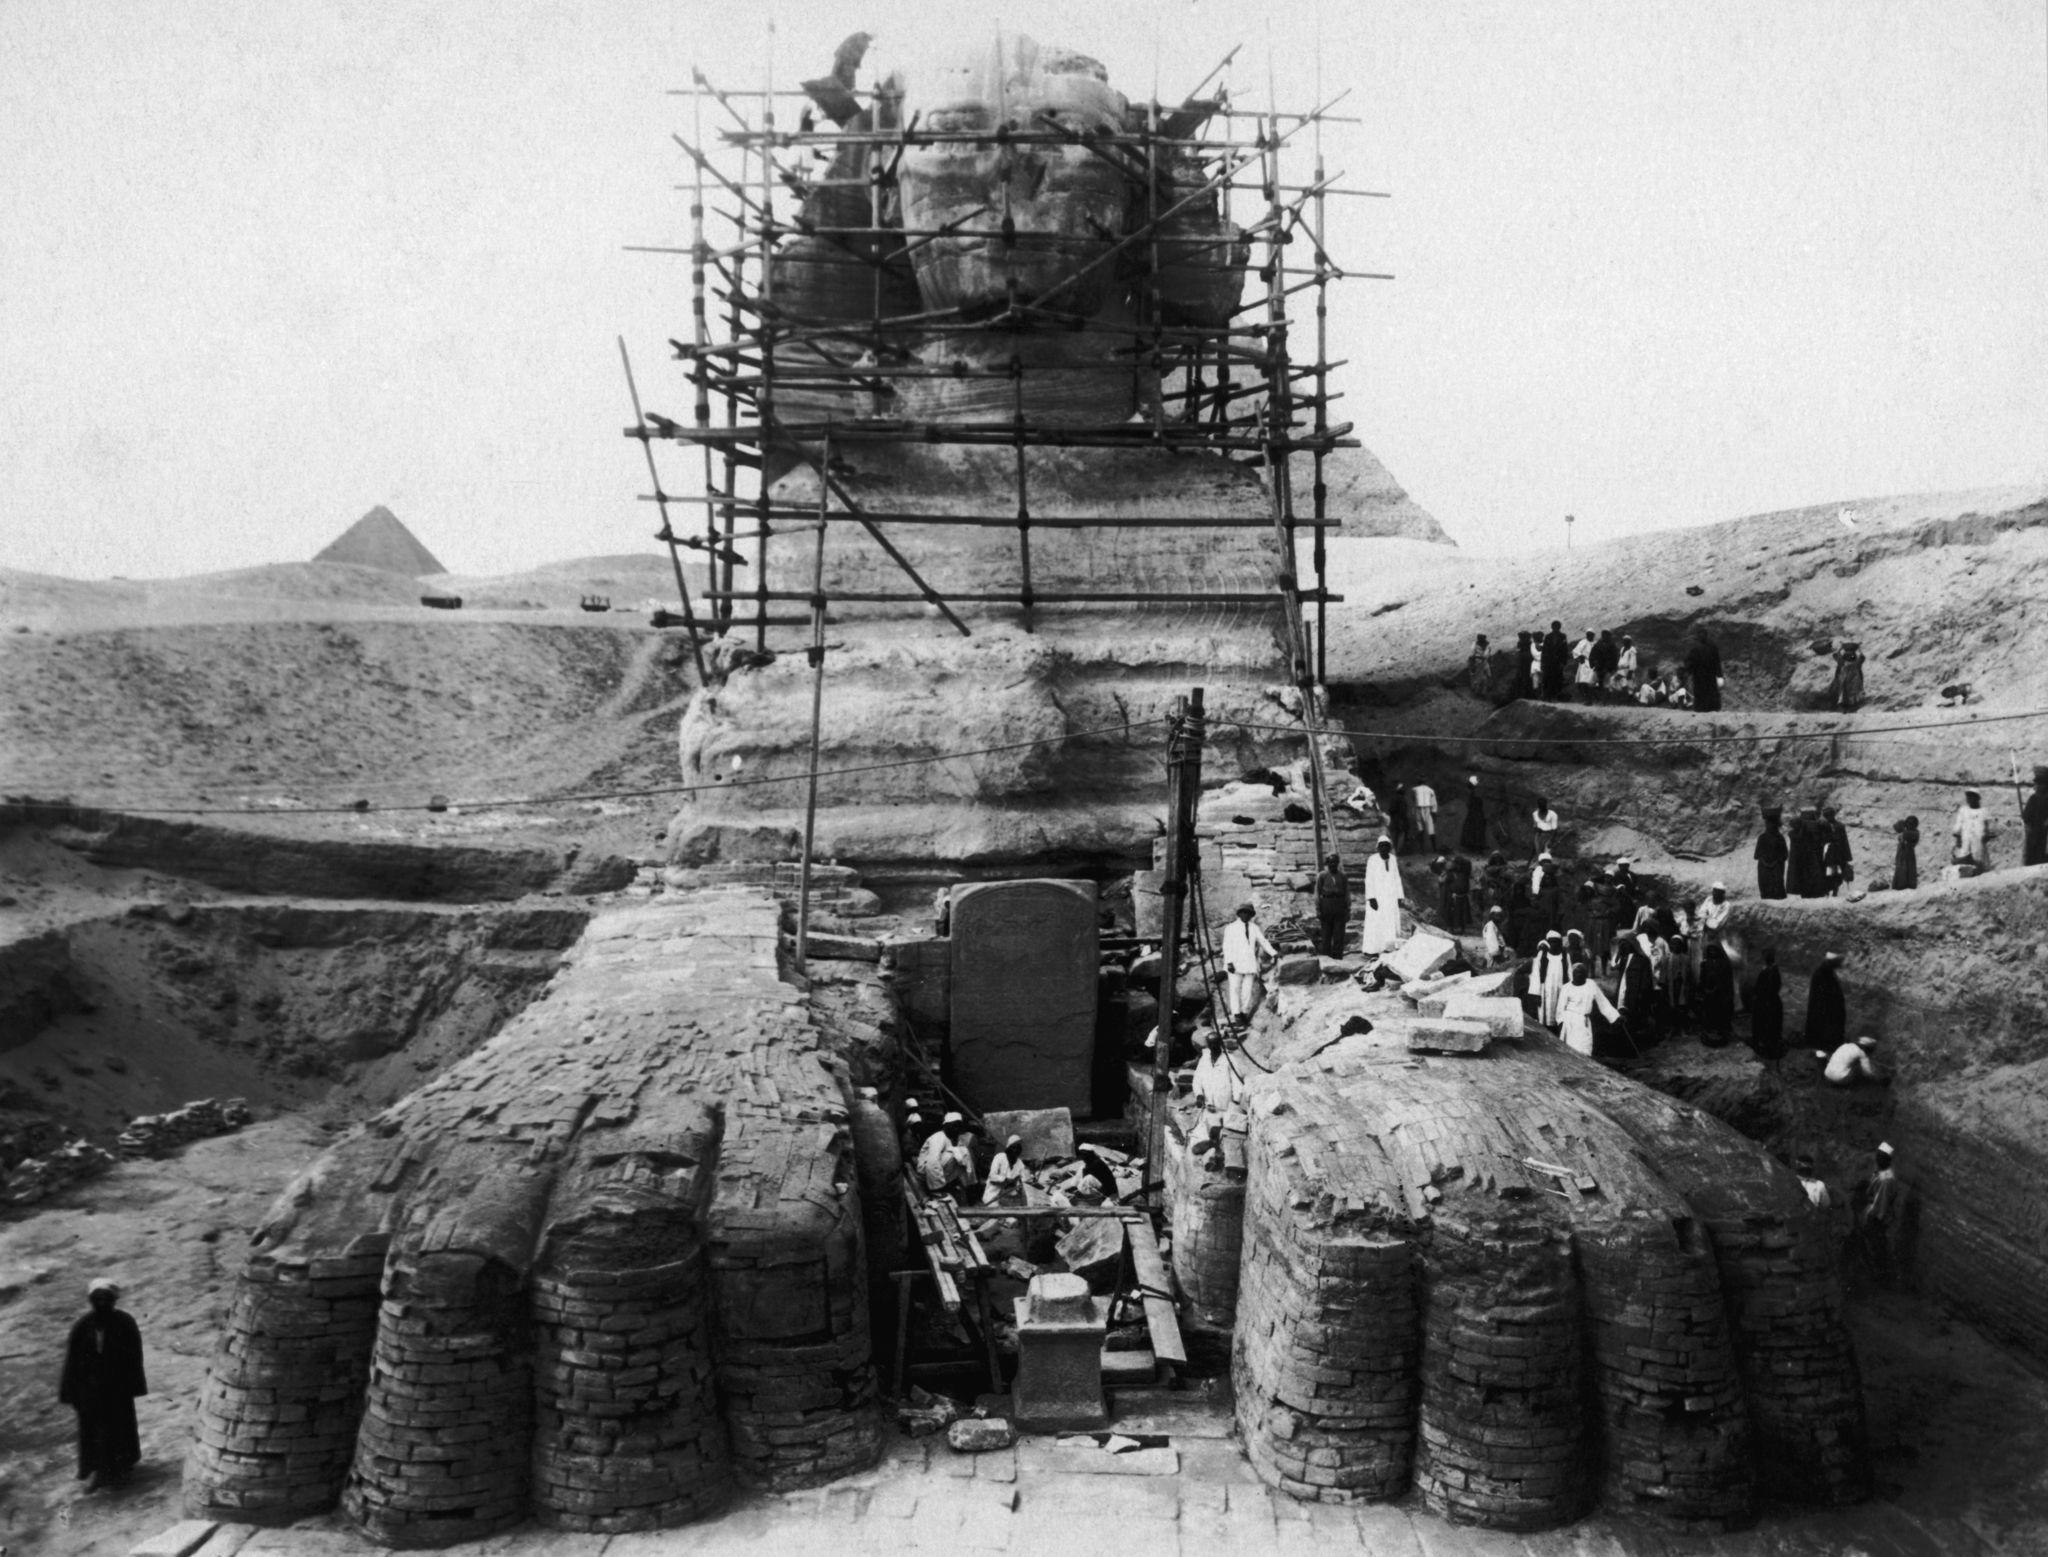 1925. Ведутся работы по расчистке от песка Большого Сфинкса в Гизе